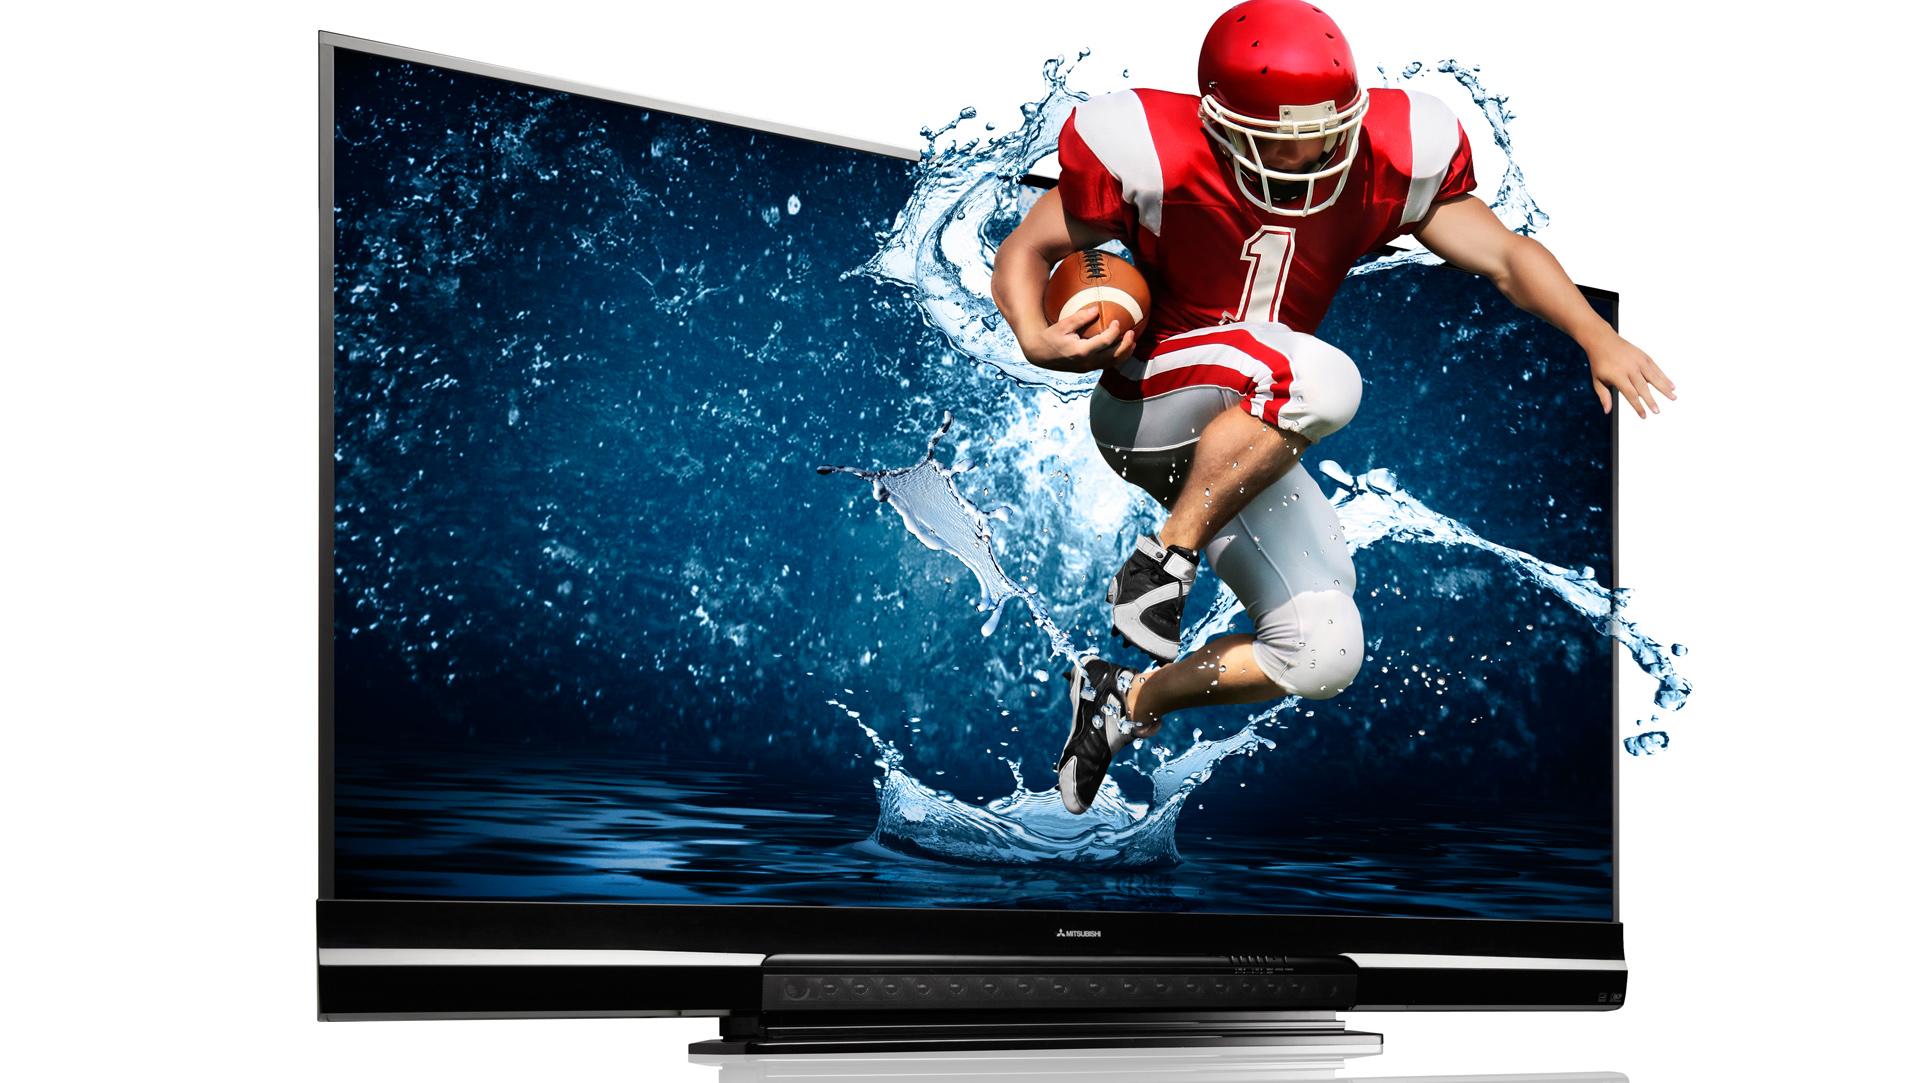 ทีวี 8K อีกระดับความชัดจนเหมือนจับได้!